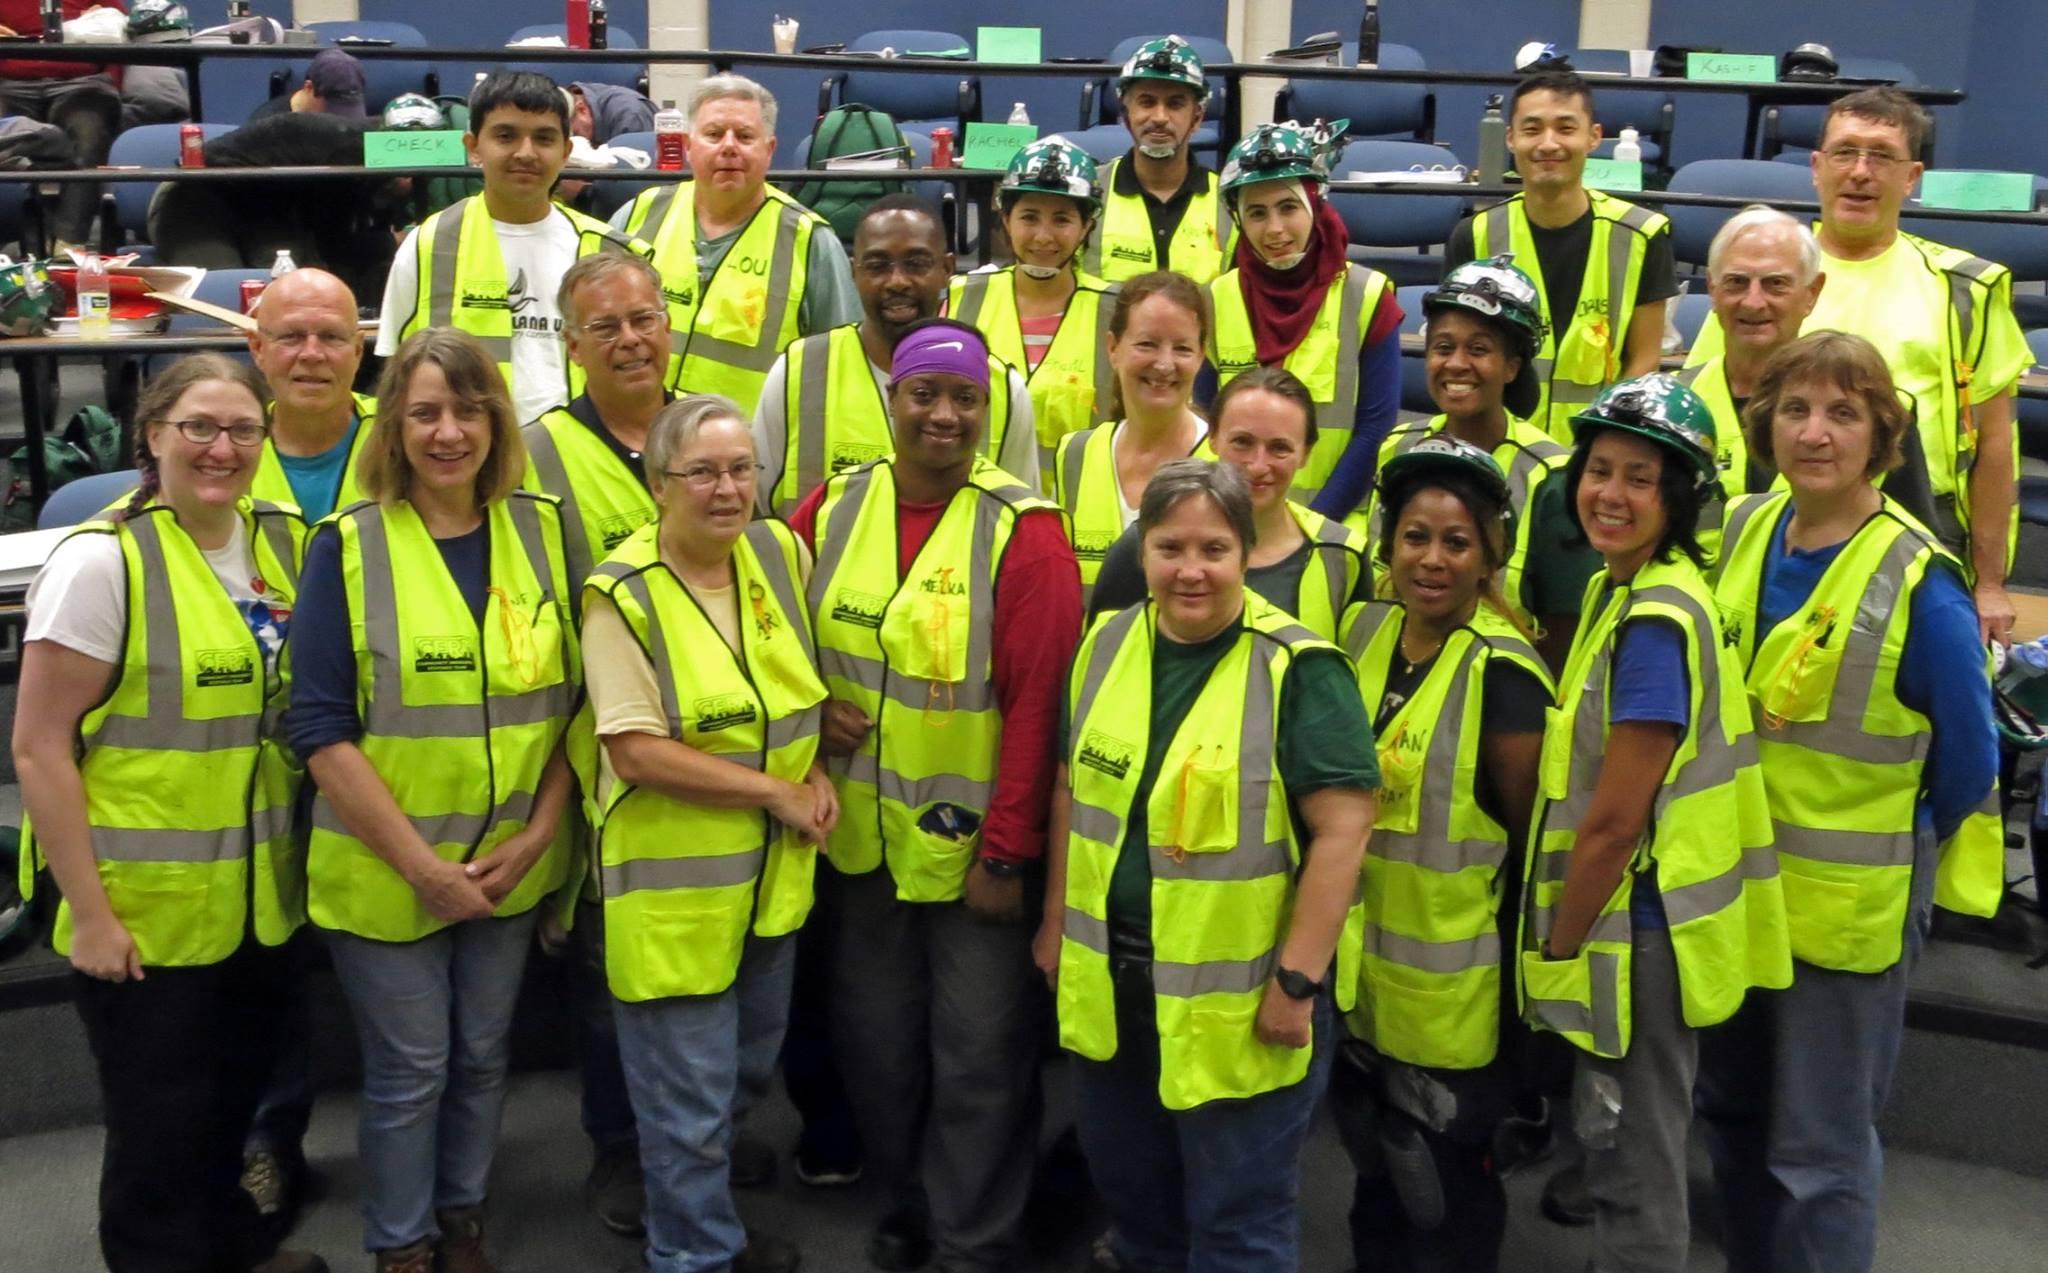 Free Training In Basic Disaster Response Skills. Next @FairfaxCoCERT  Class Begins Nov. 6: https://t.co/tgXvyBLQuM https://t.co/9HMlFYdmfF